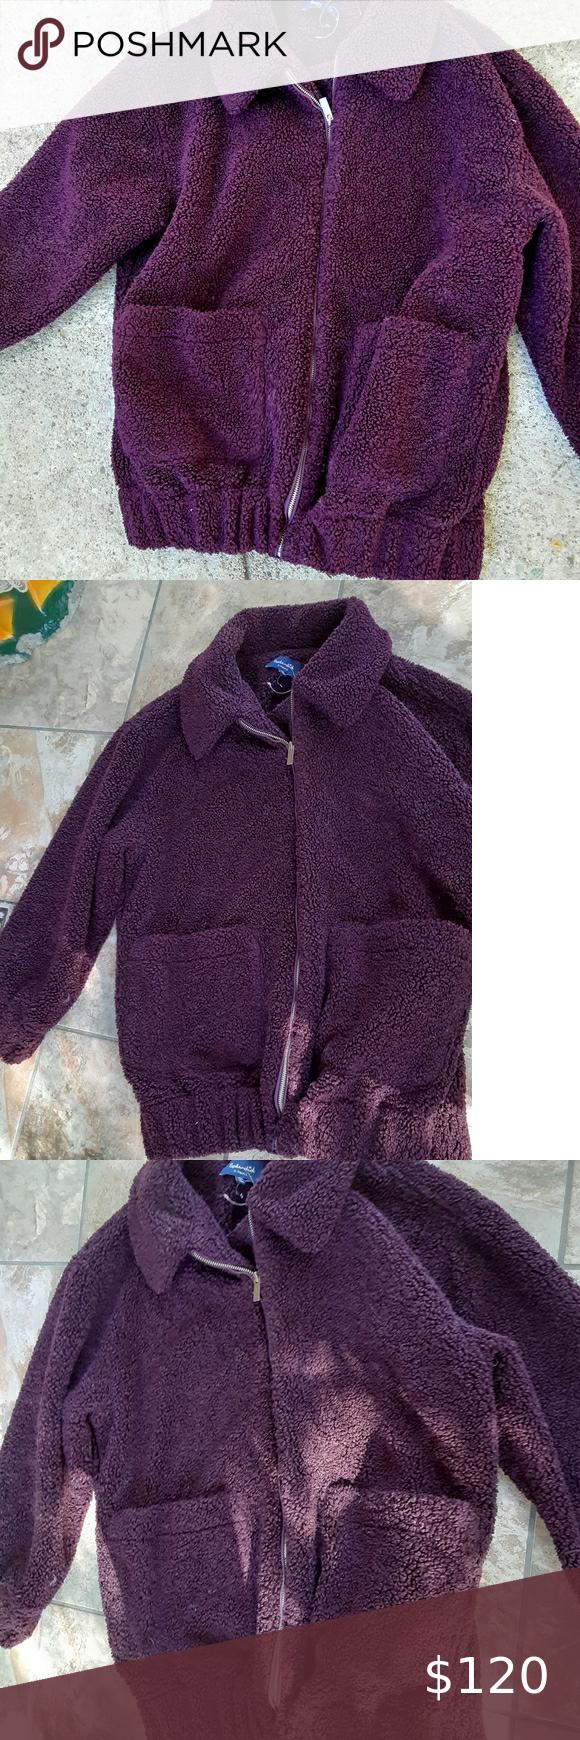 NWOT Splendid Sherpa Zip Jacket XS  fits like S/M